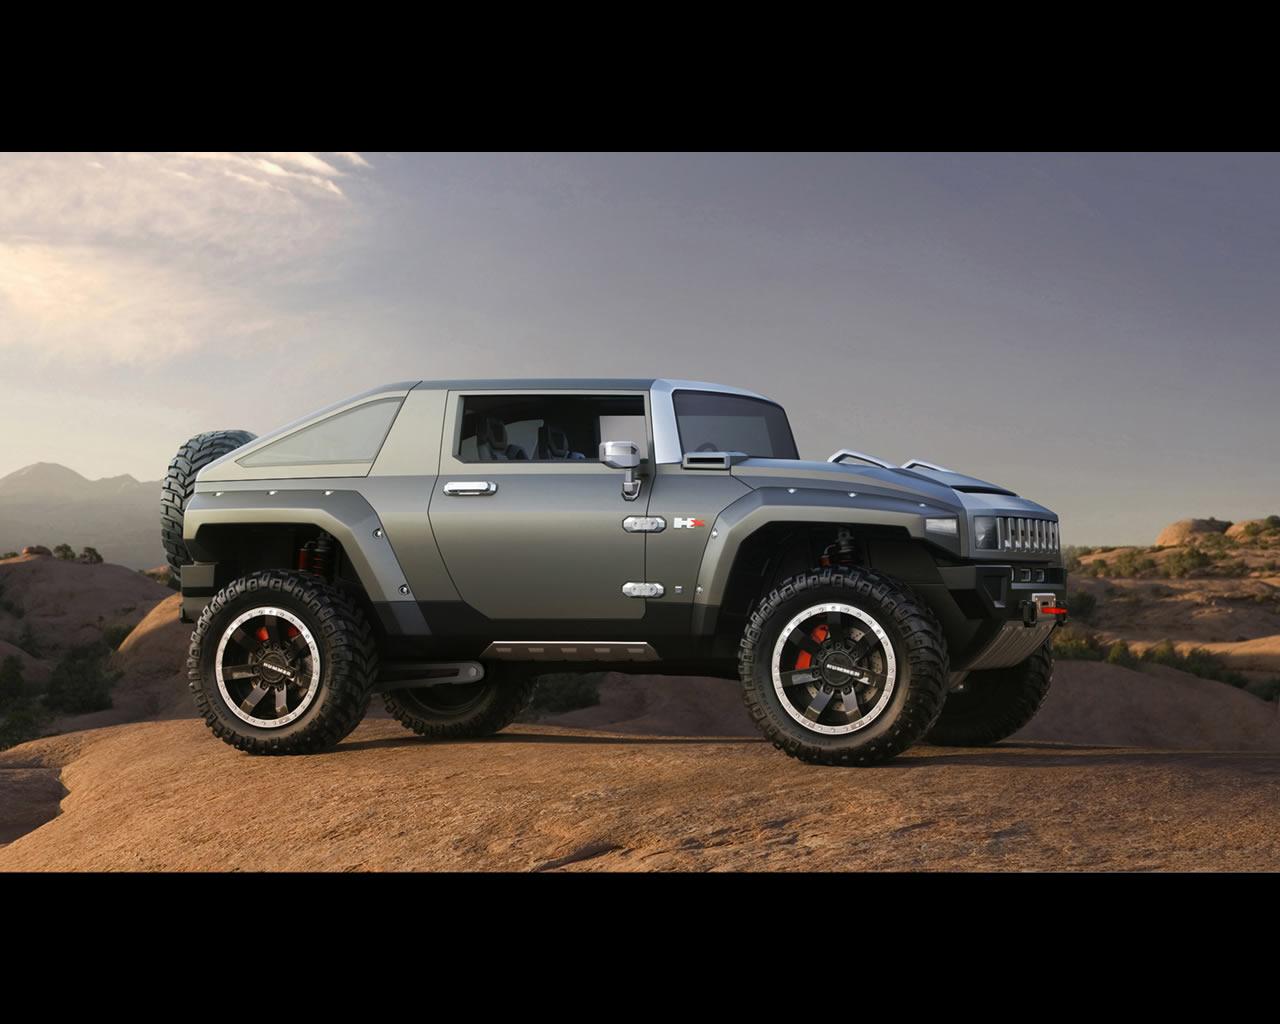 General Motors Hummer Hx Concept 2008